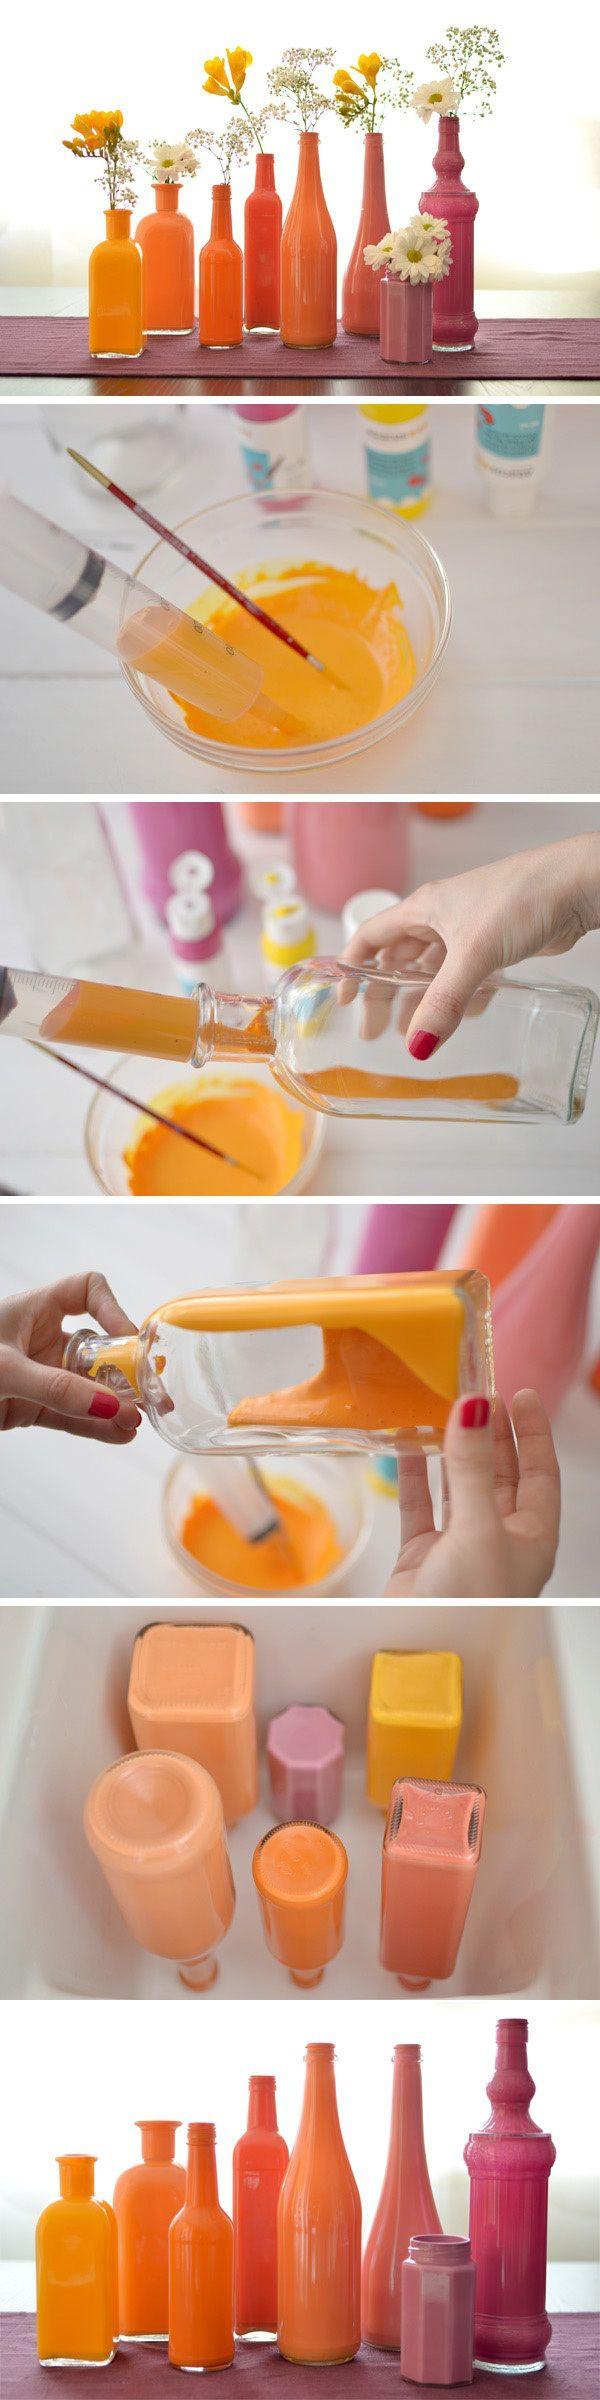 Farbige Flaschen, innen angemalt